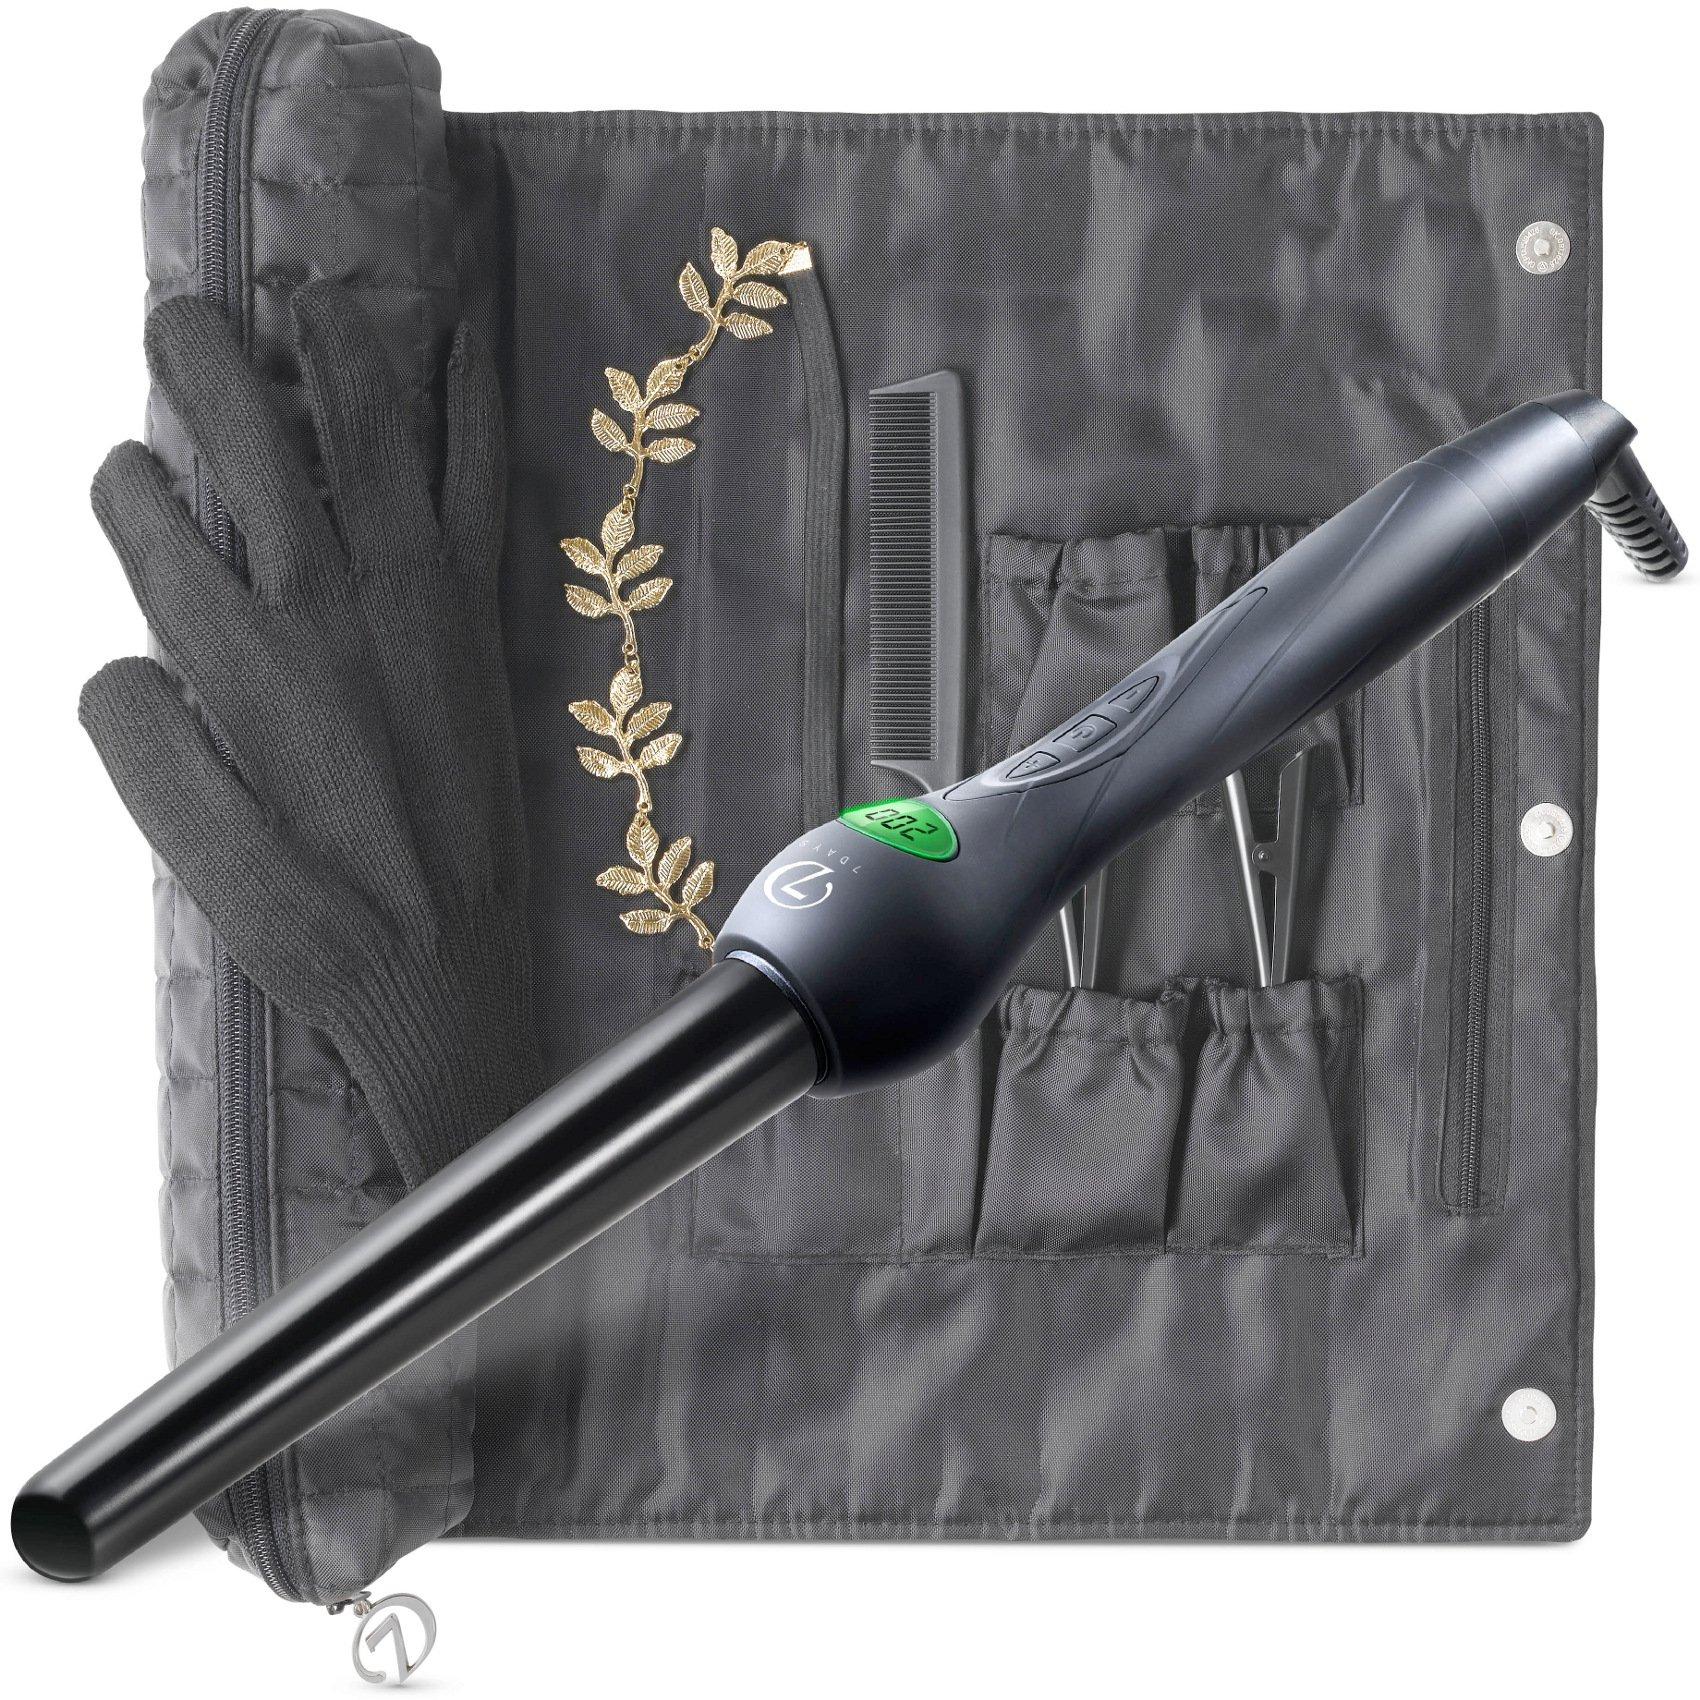 7 Days Lockenstab Set mit Accessoires – Lebenslange Garantie Curler 18mm-25mm Stab mit Keramik Beschichtung & LCD Display, Alle Haartypen (Schwarz)